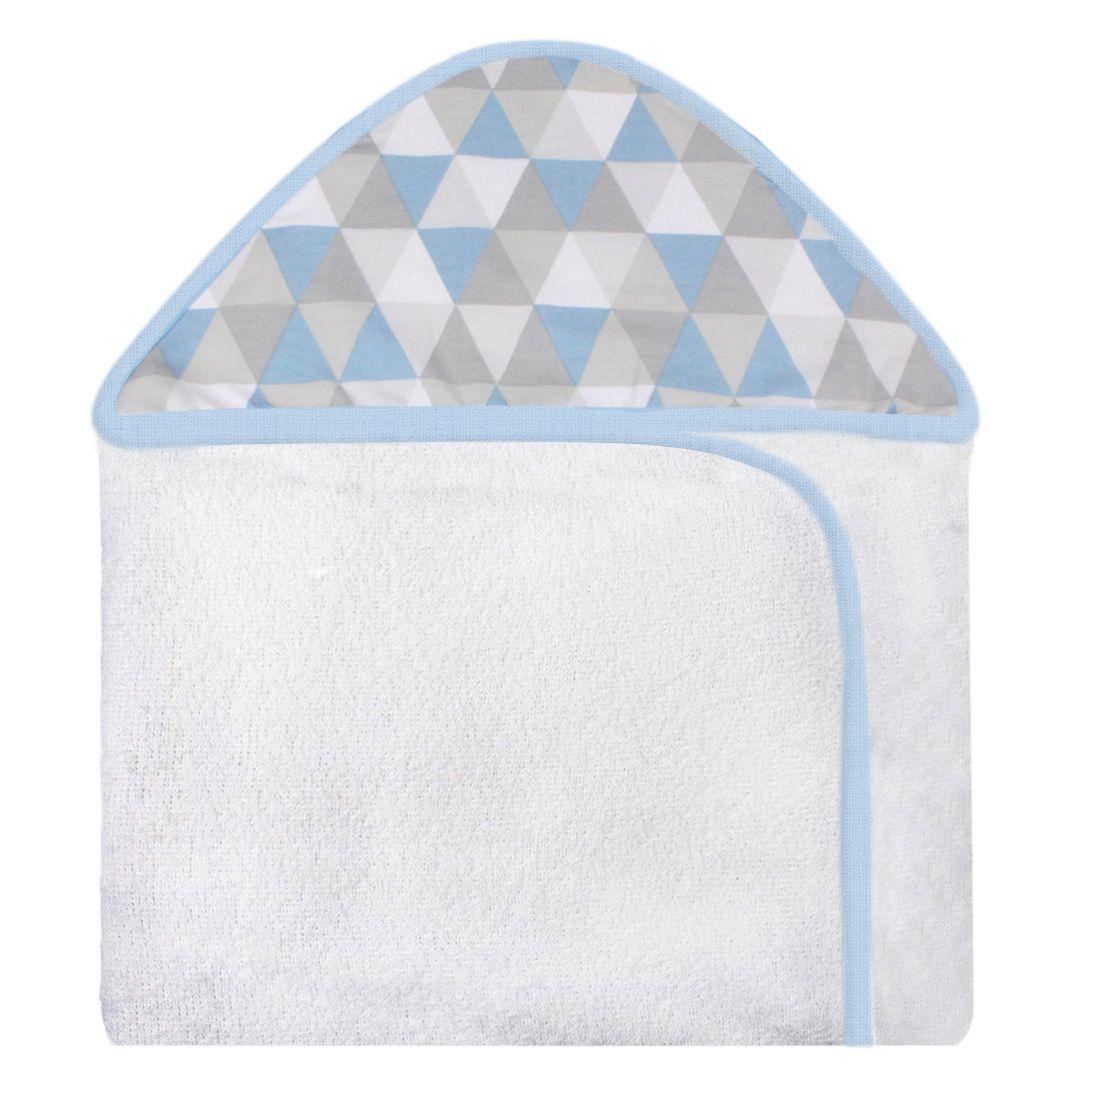 Toalha de Banho c/ Capuz Estampado - Losango Azul